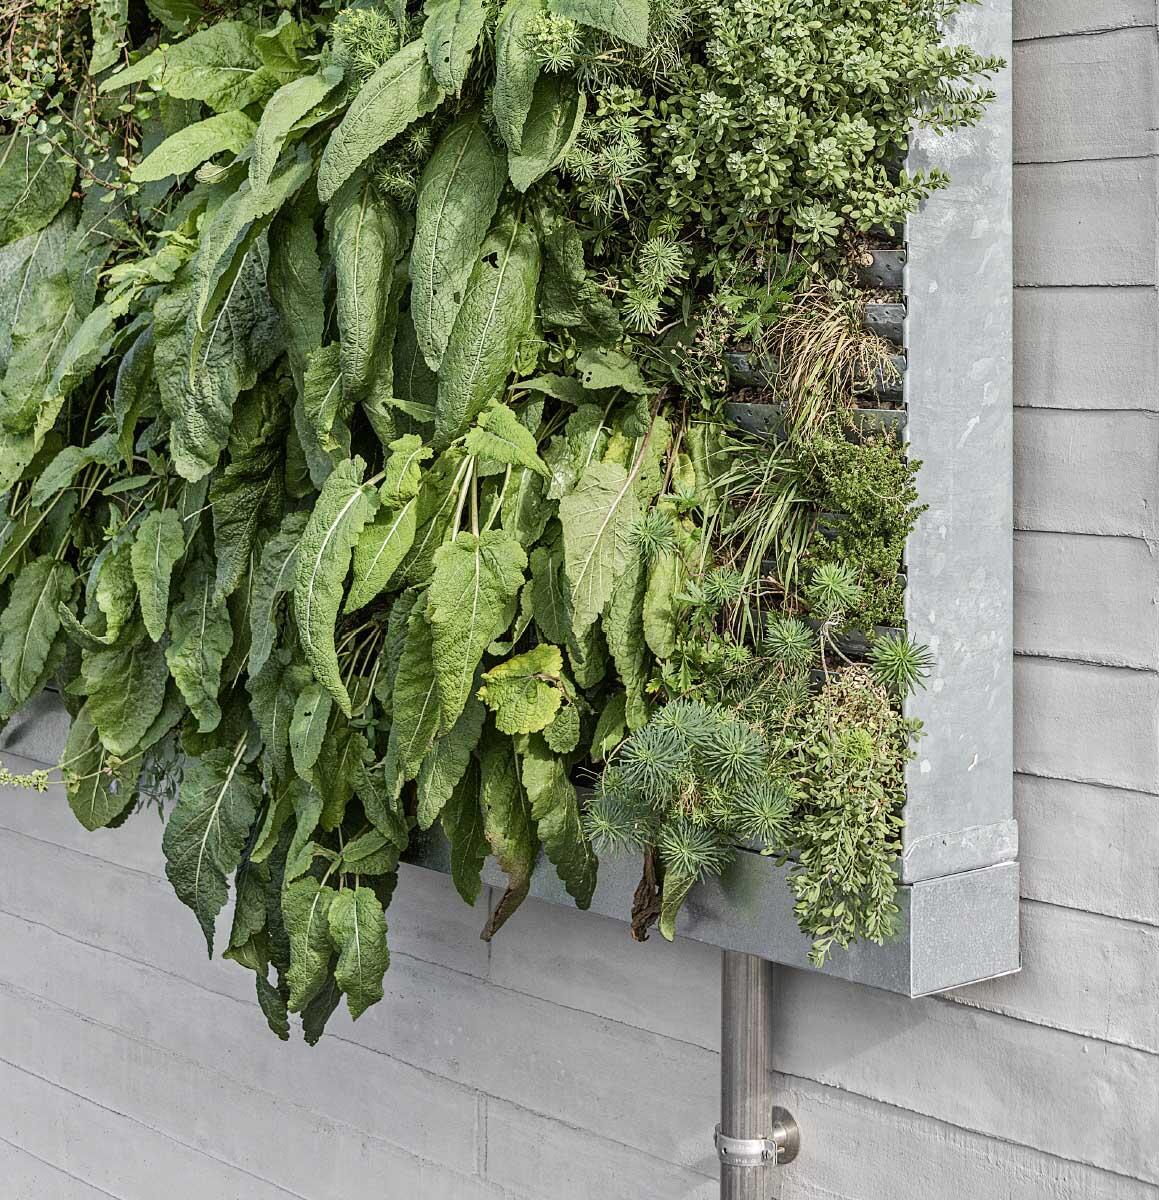 Bei Hors-sol-Systemen wachsen Pflanzen aus modularen oder flächigen Wandelementen, wie hier aus Metallkassetten mit integrierter Bewässerung. Bild: Johannes Marburg